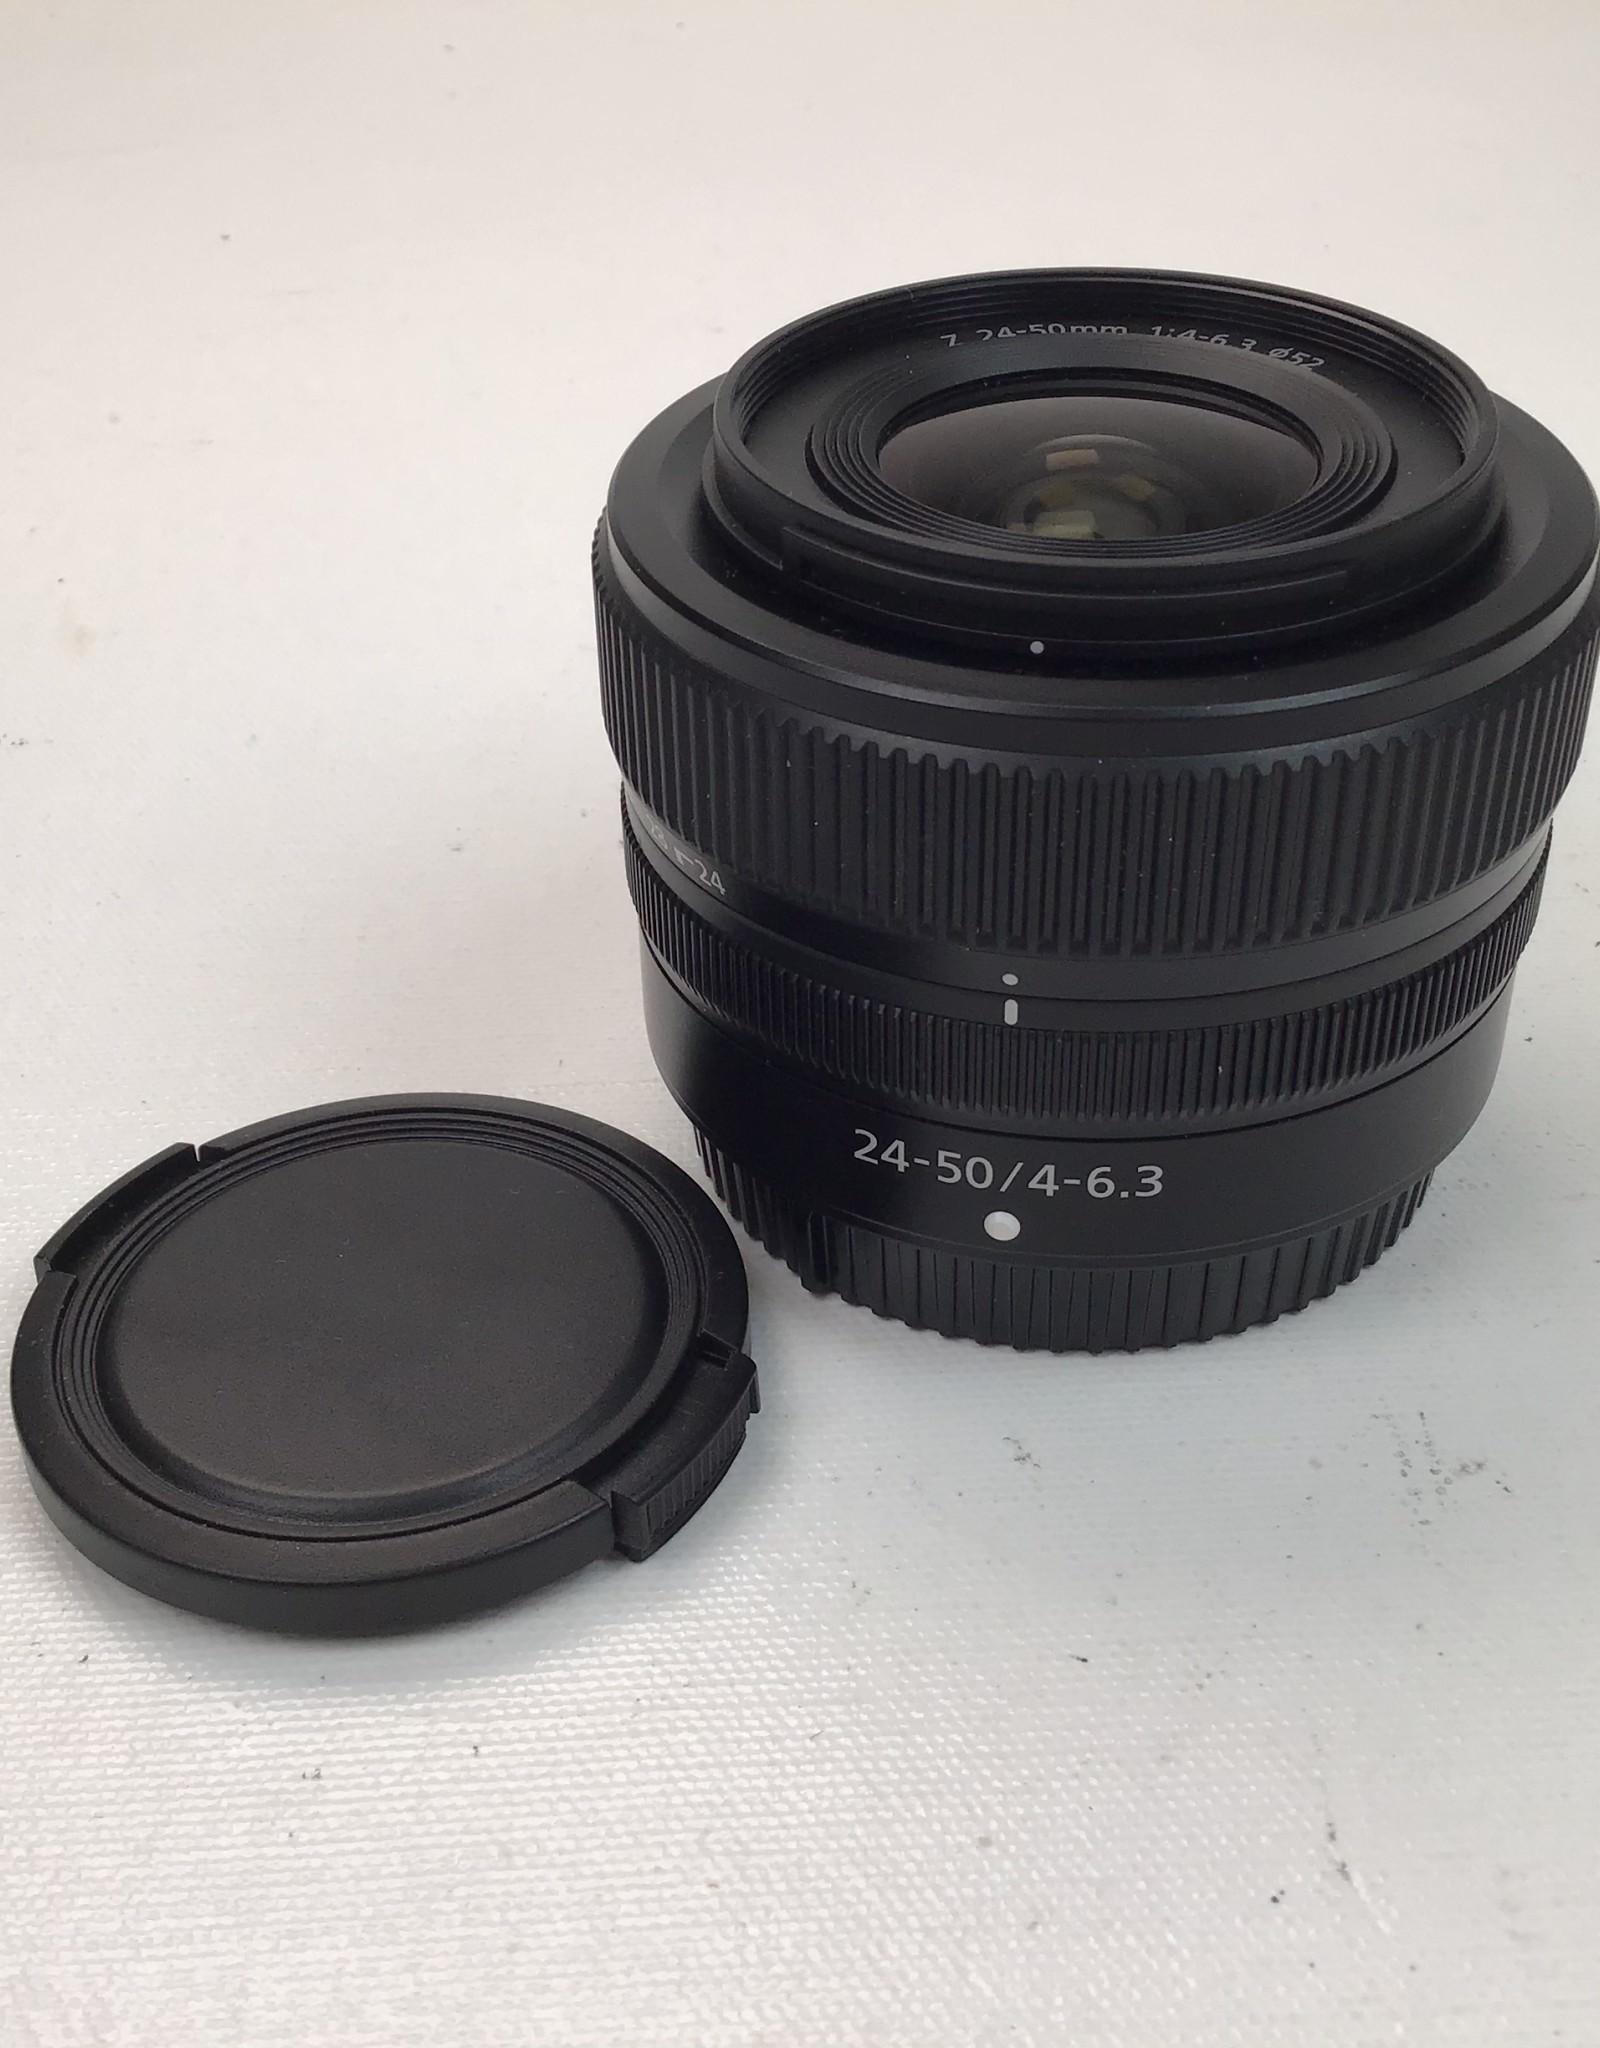 NIKON Nikon Nikkor Z 24-50mm f:4-6.3 Used EX